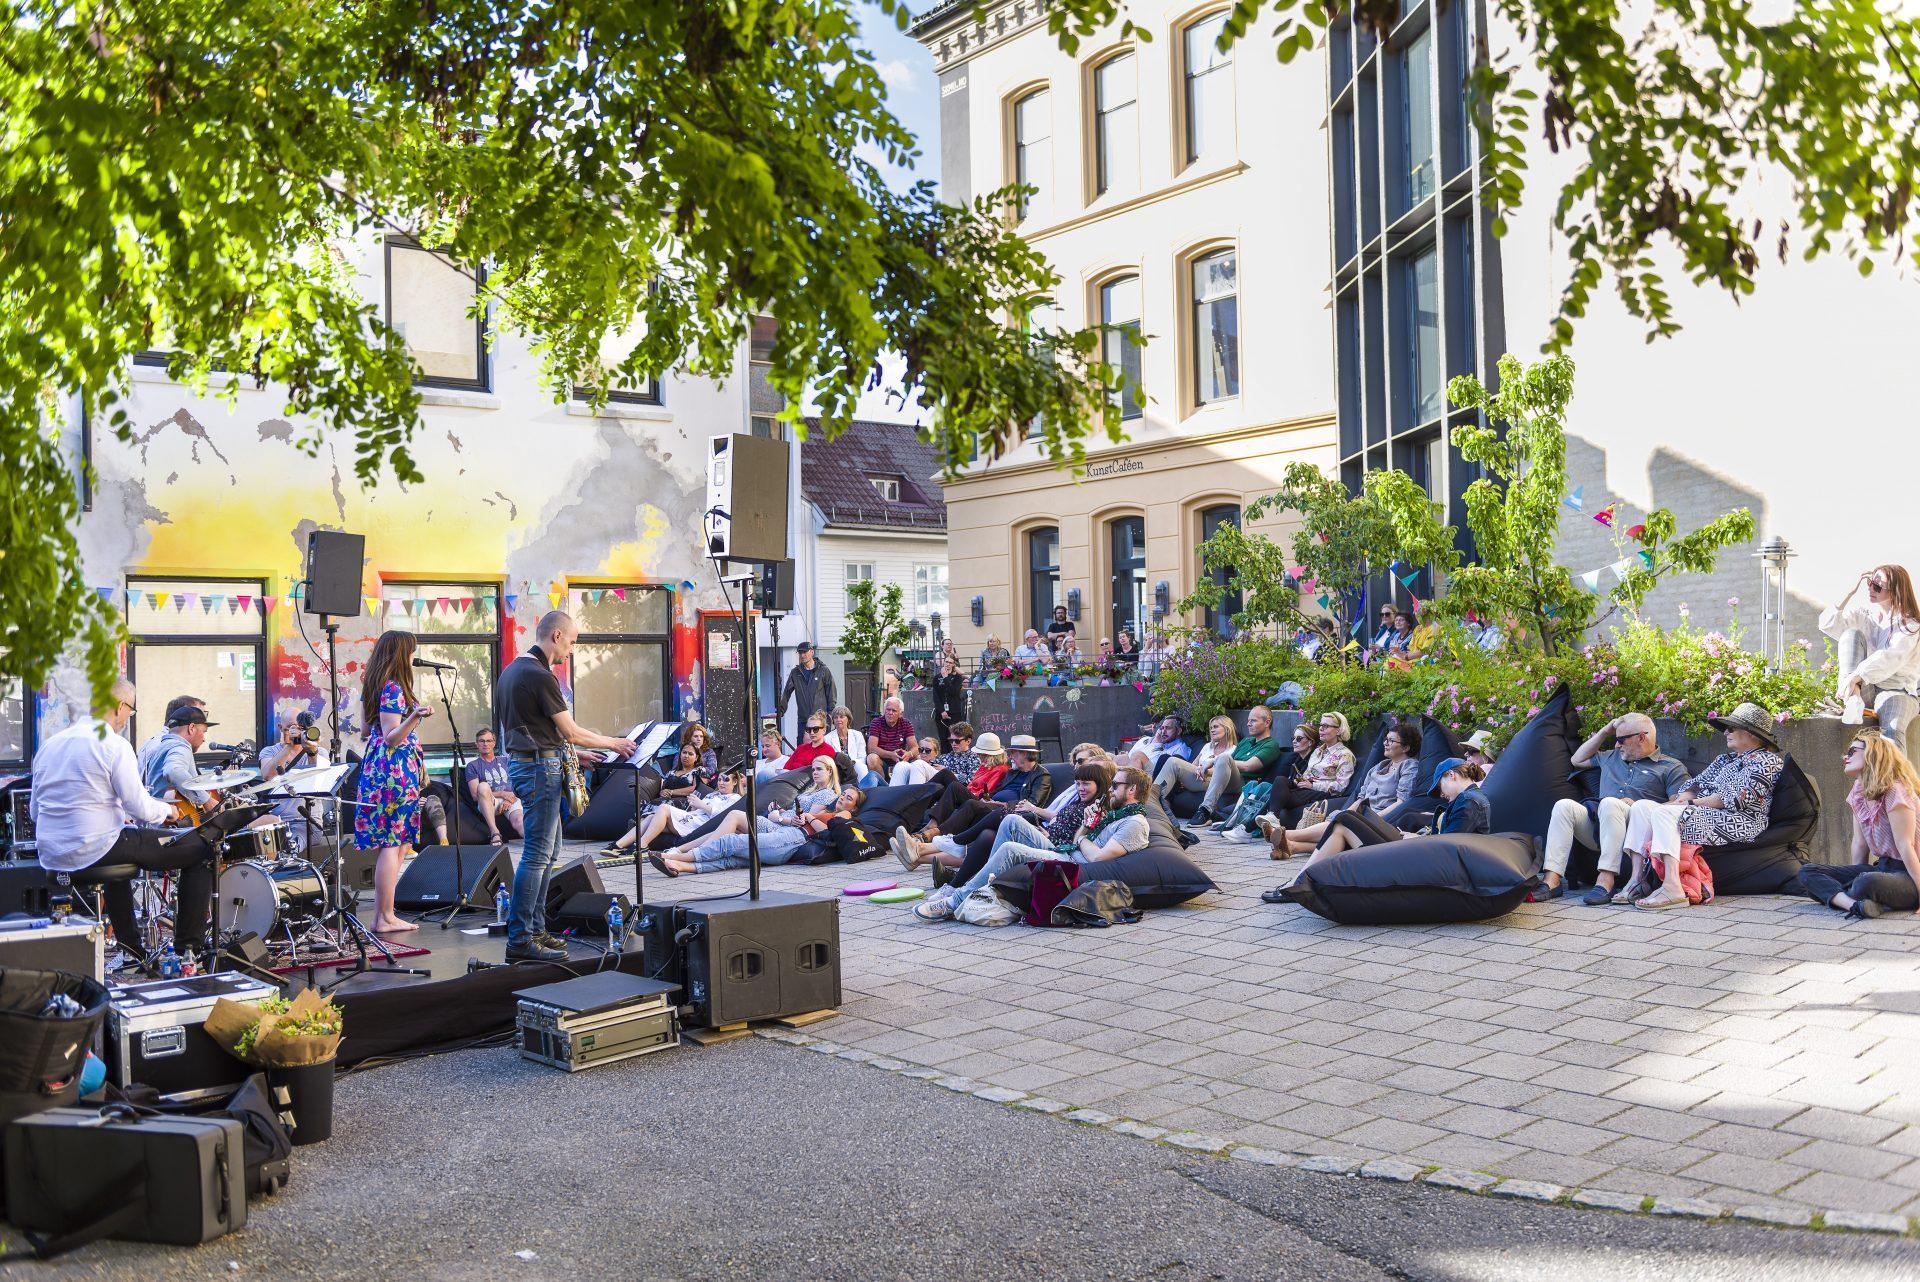 bakgårdskonsert sommer 2019 på sørlandets kunstmuseum